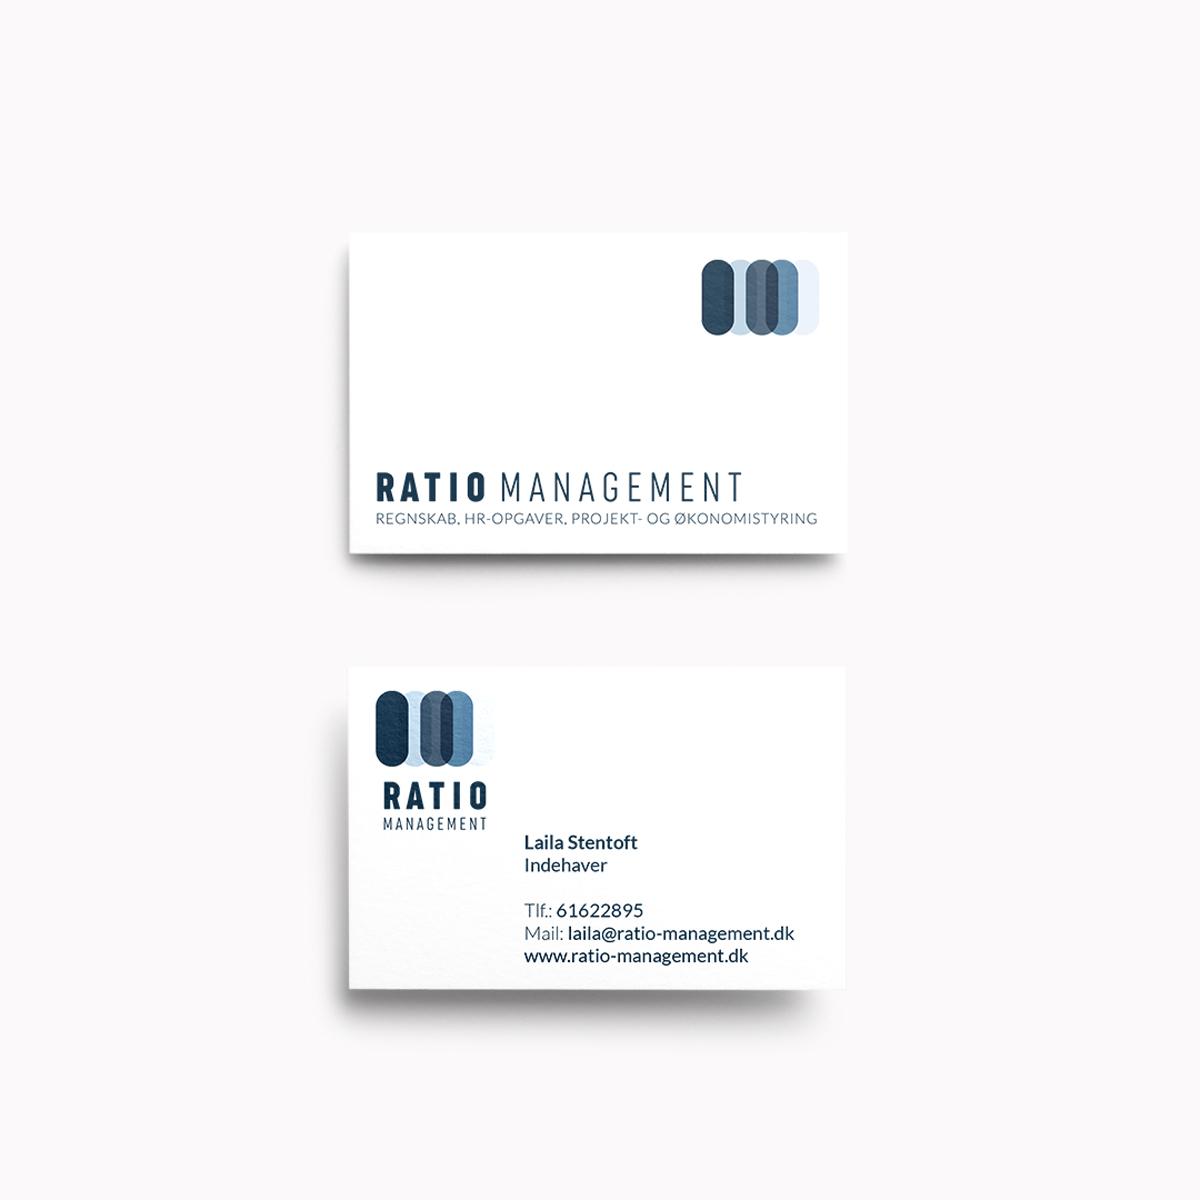 Ratio Management visitkort